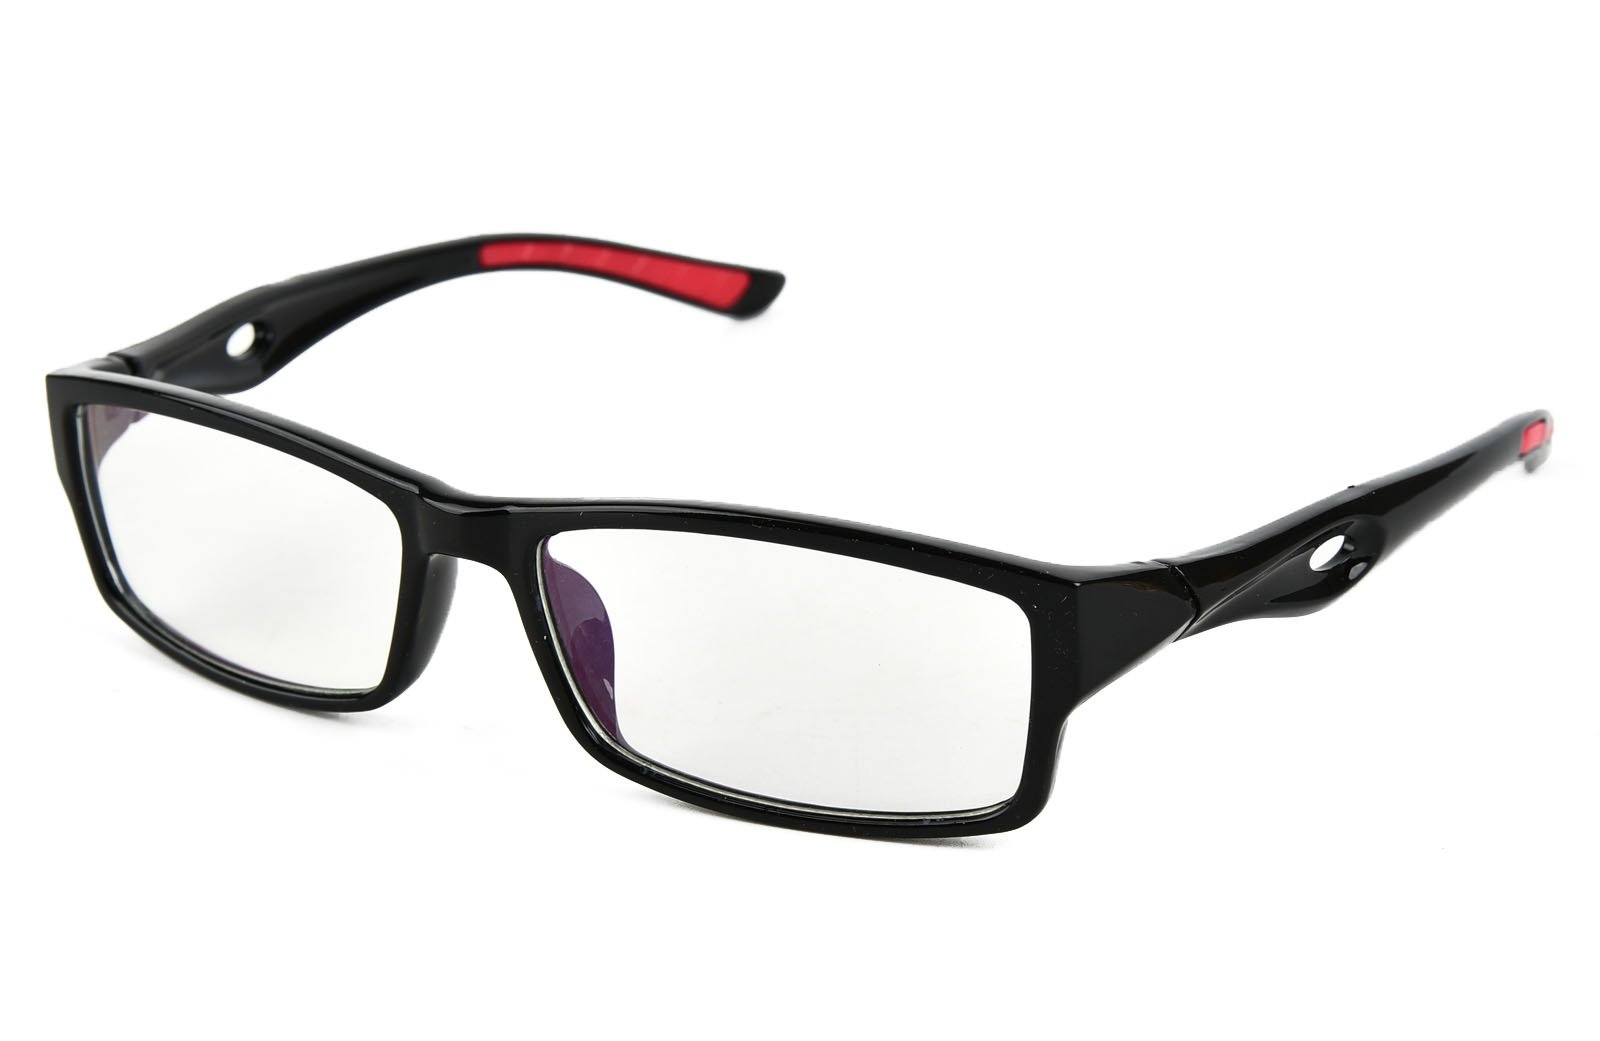 Beison Sports Optical Eyeglasses Frame Plain Glasses Clear Lens UV400 (Shiny black, 53mm)